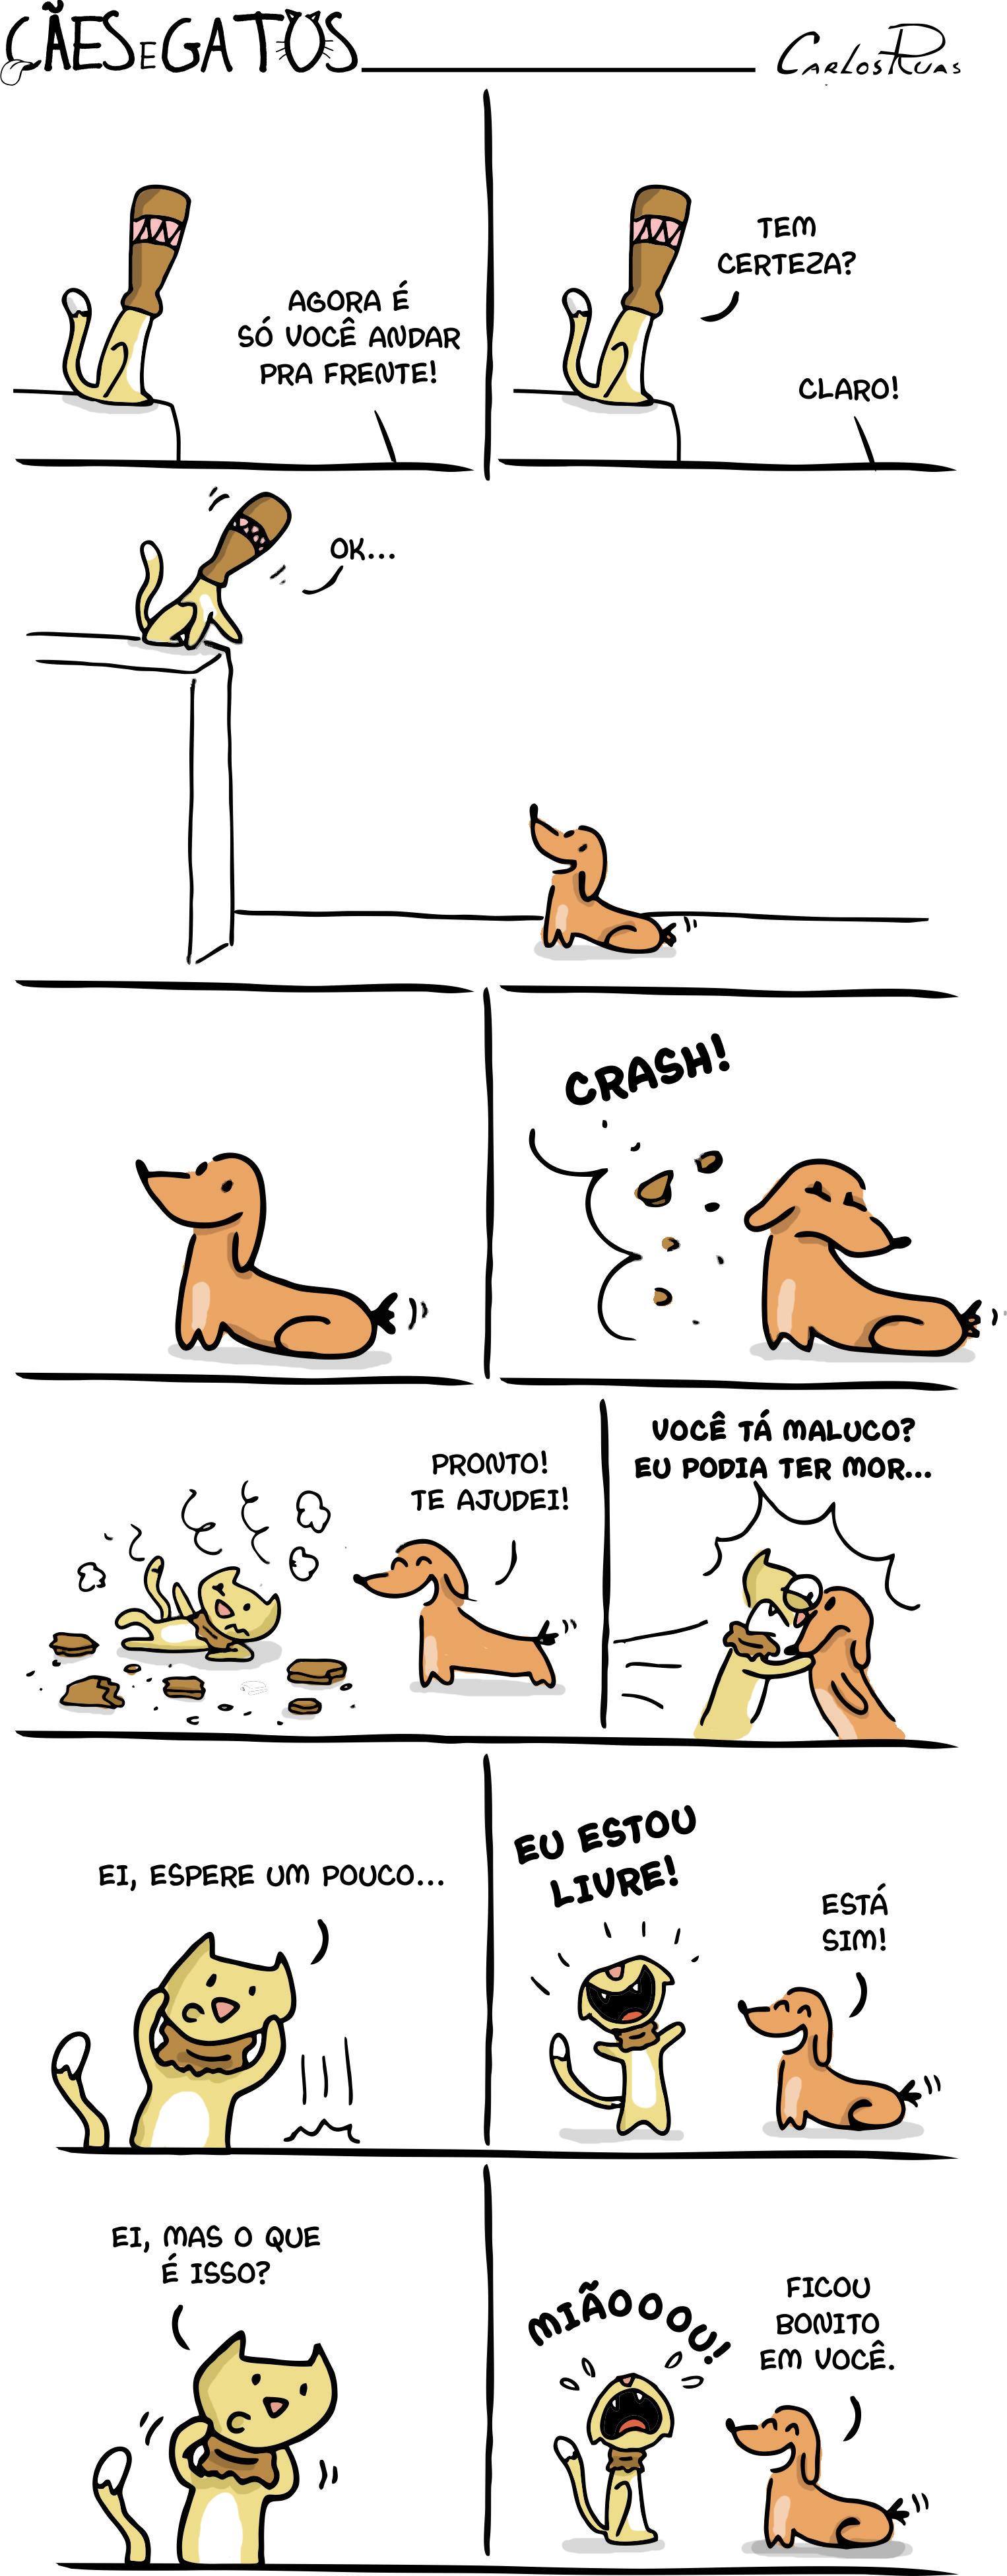 Cães e Gatos – Chapéu do gato (final)